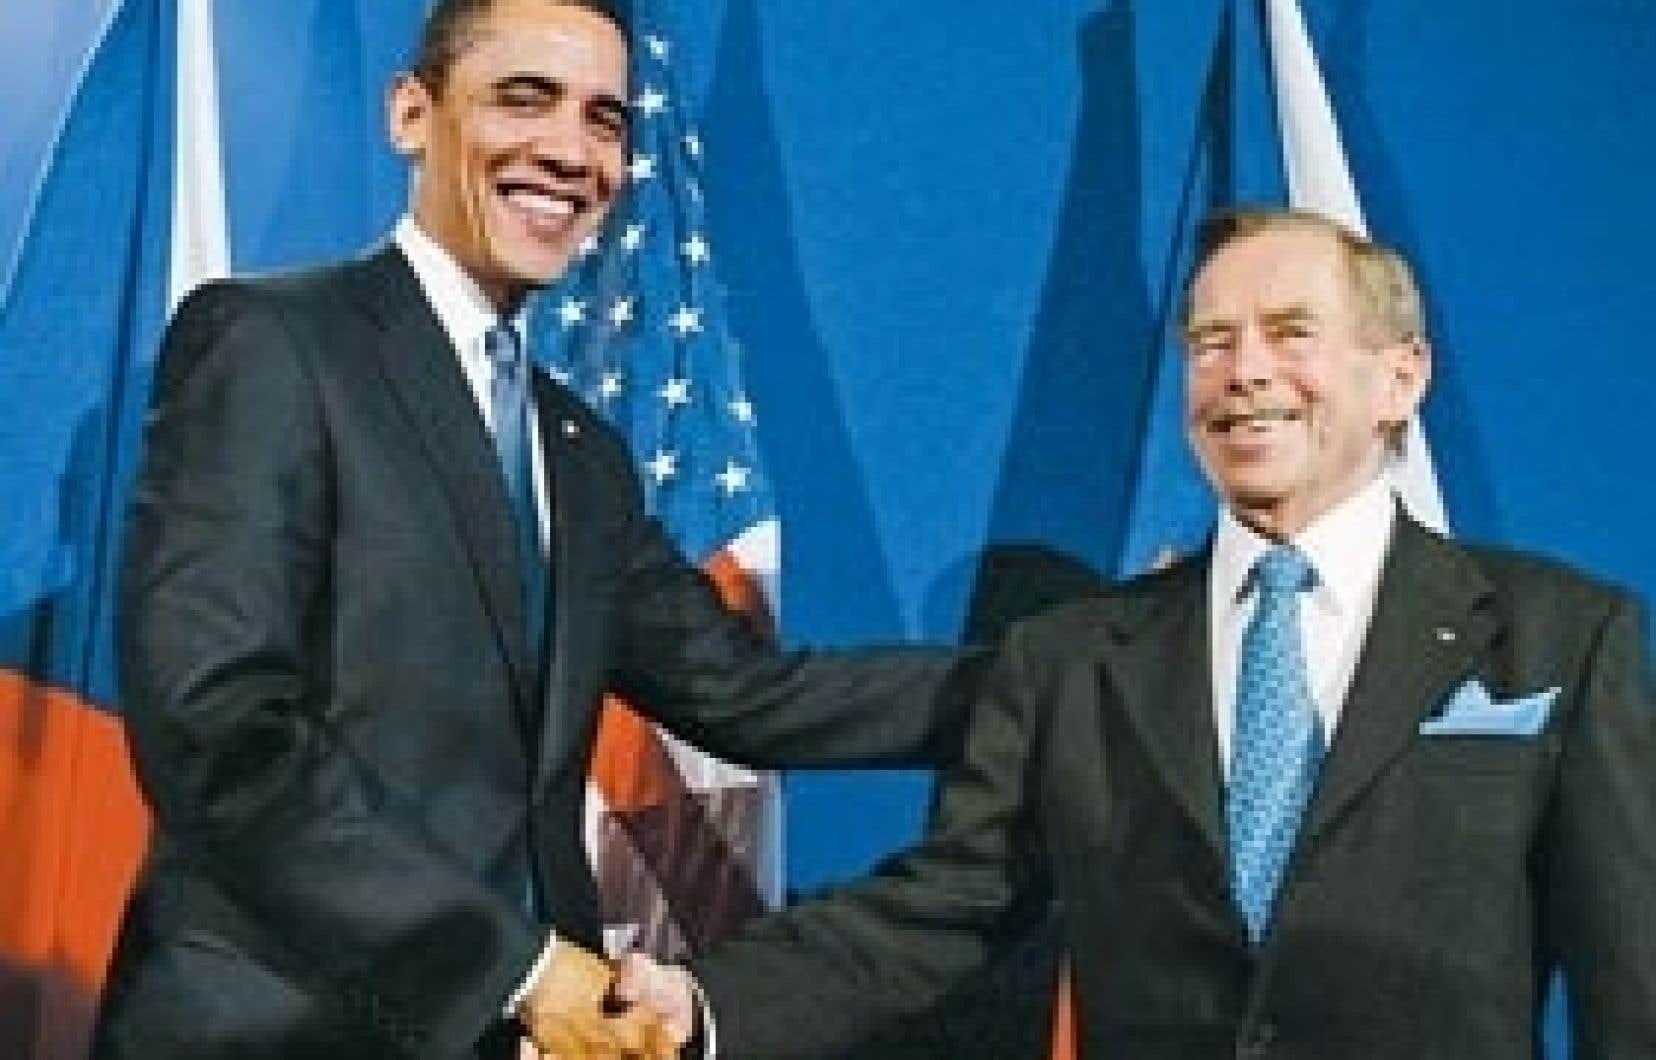 Le président américain, Barack Obama, était accompagné du président tchèque Vaclav Havel, hier, à l'ouverture du sommet de l'Union européenne à Prague.